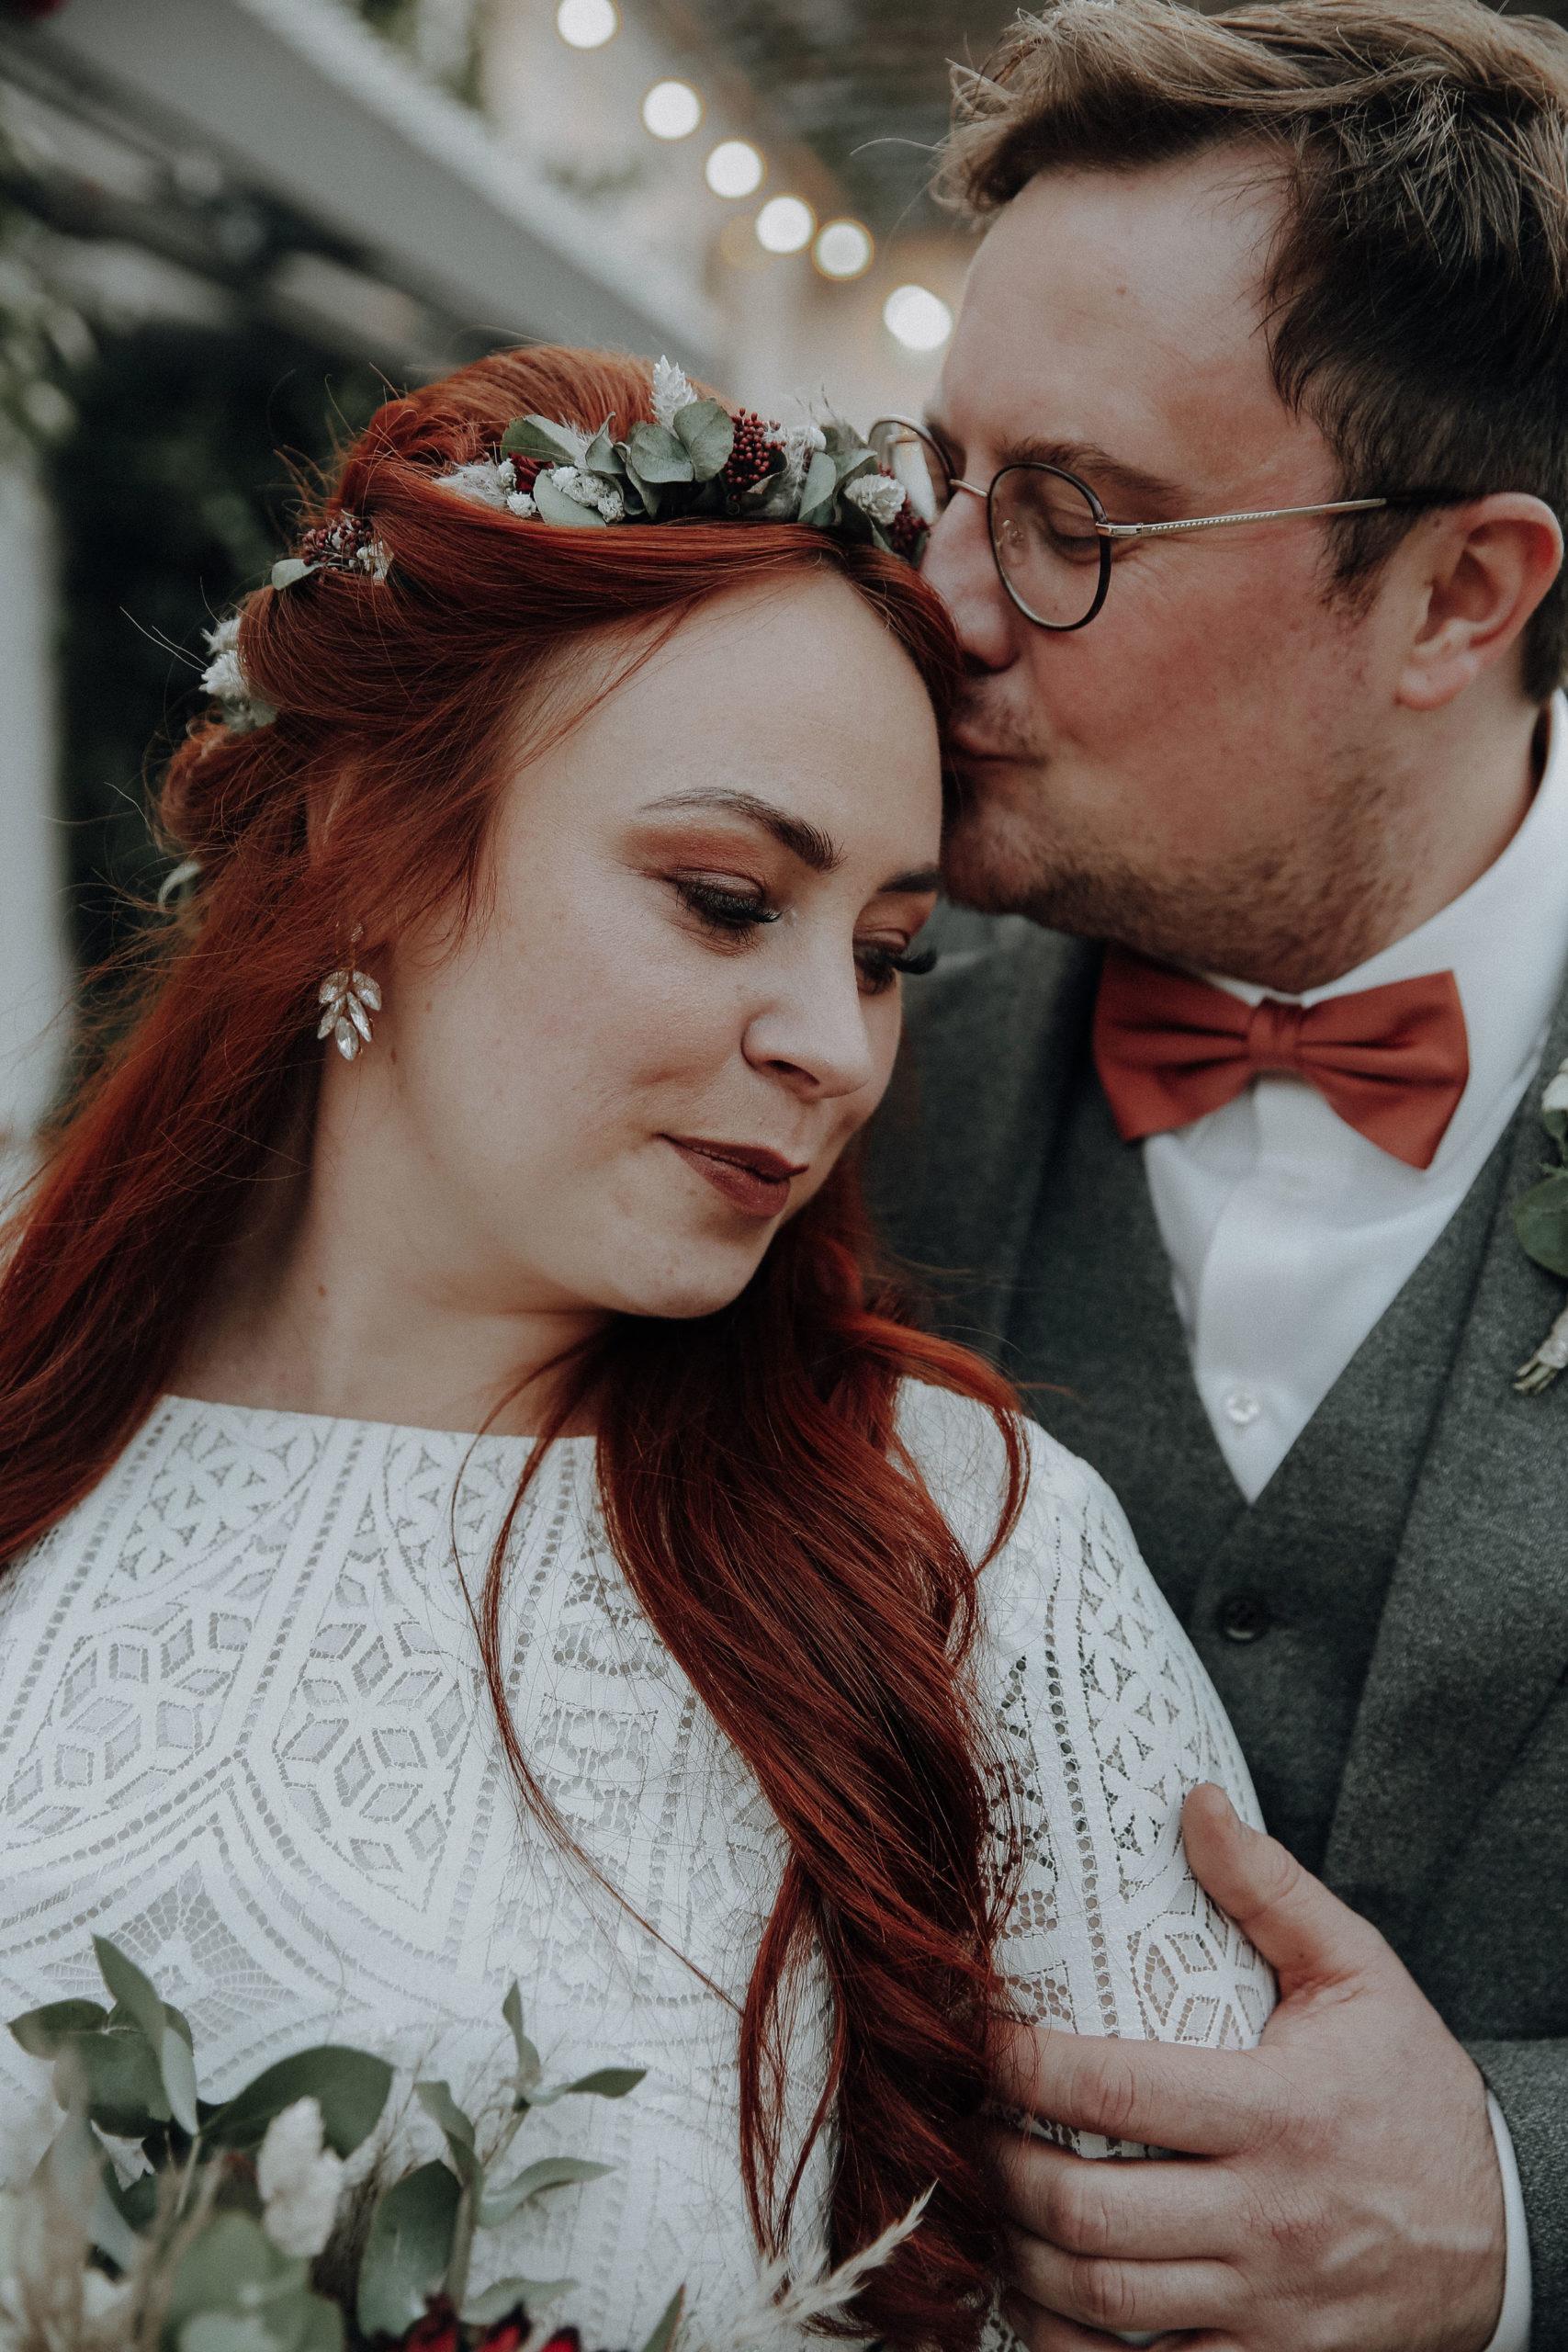 noni Brautmode, Wedding Shoot, Bräutigam küsst Braut auf die Stirn. Nahaufnahme